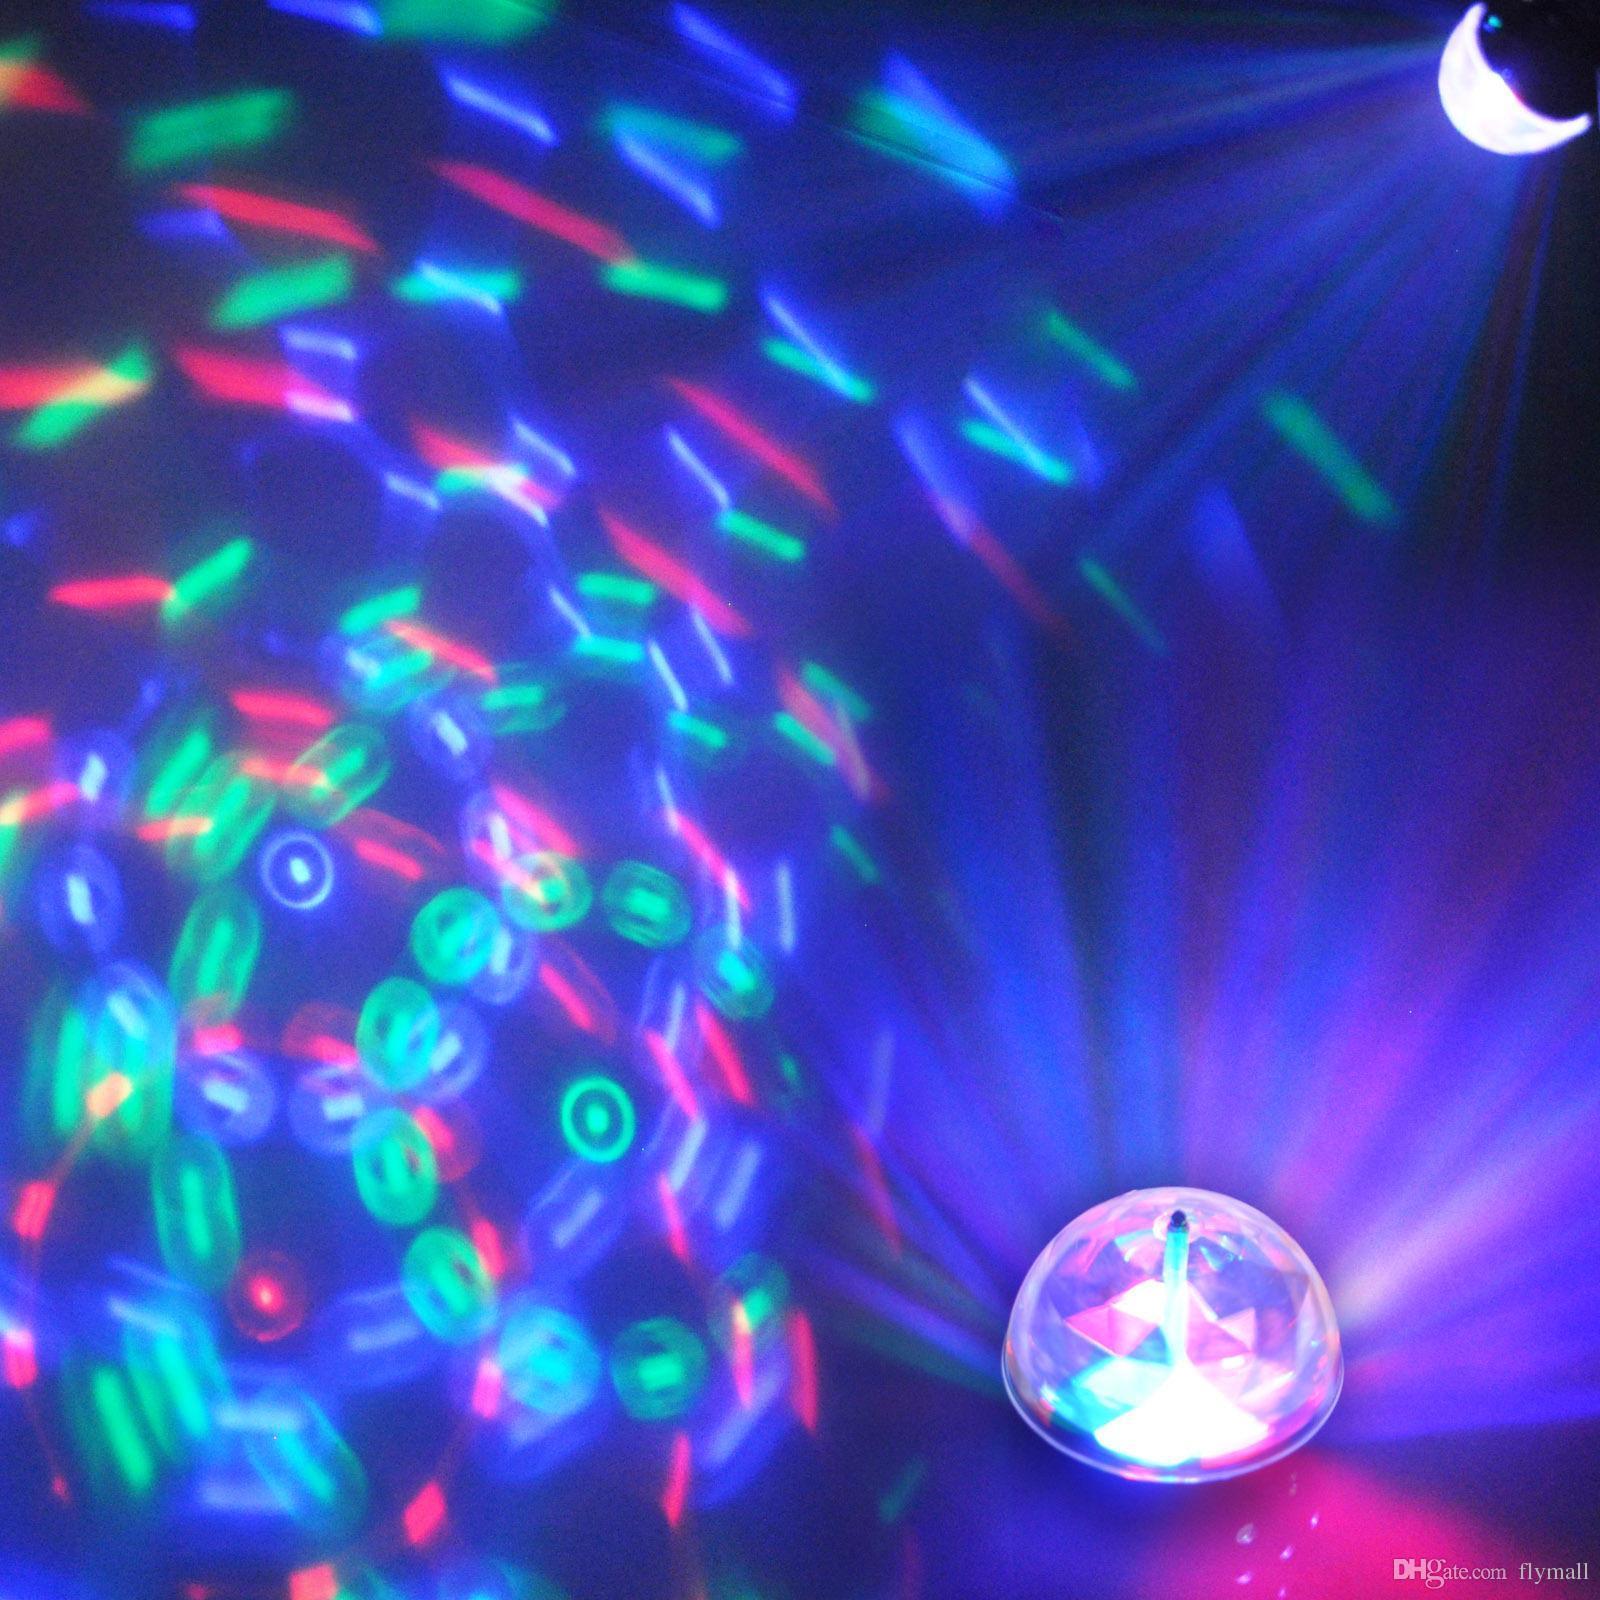 3 واط rgb كامل اللون السيارات الدوارة مصباح صوت تنشيط كريستال ماجيك الكرة الليزر المرحلة ضوء لحفل زفاف ديسكو dj بار led لمبة ktv ضوء